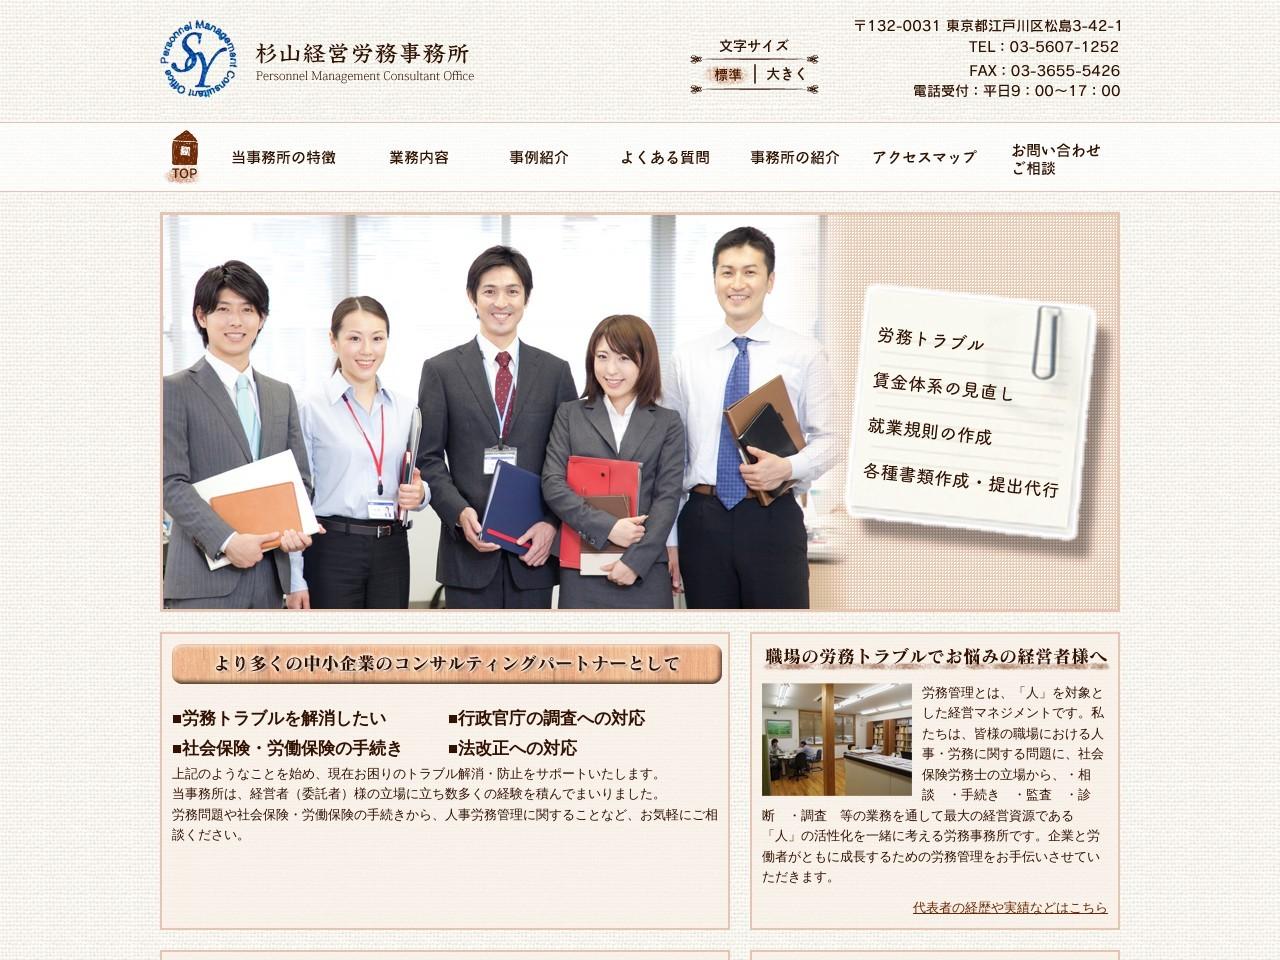 杉山経営労務事務所